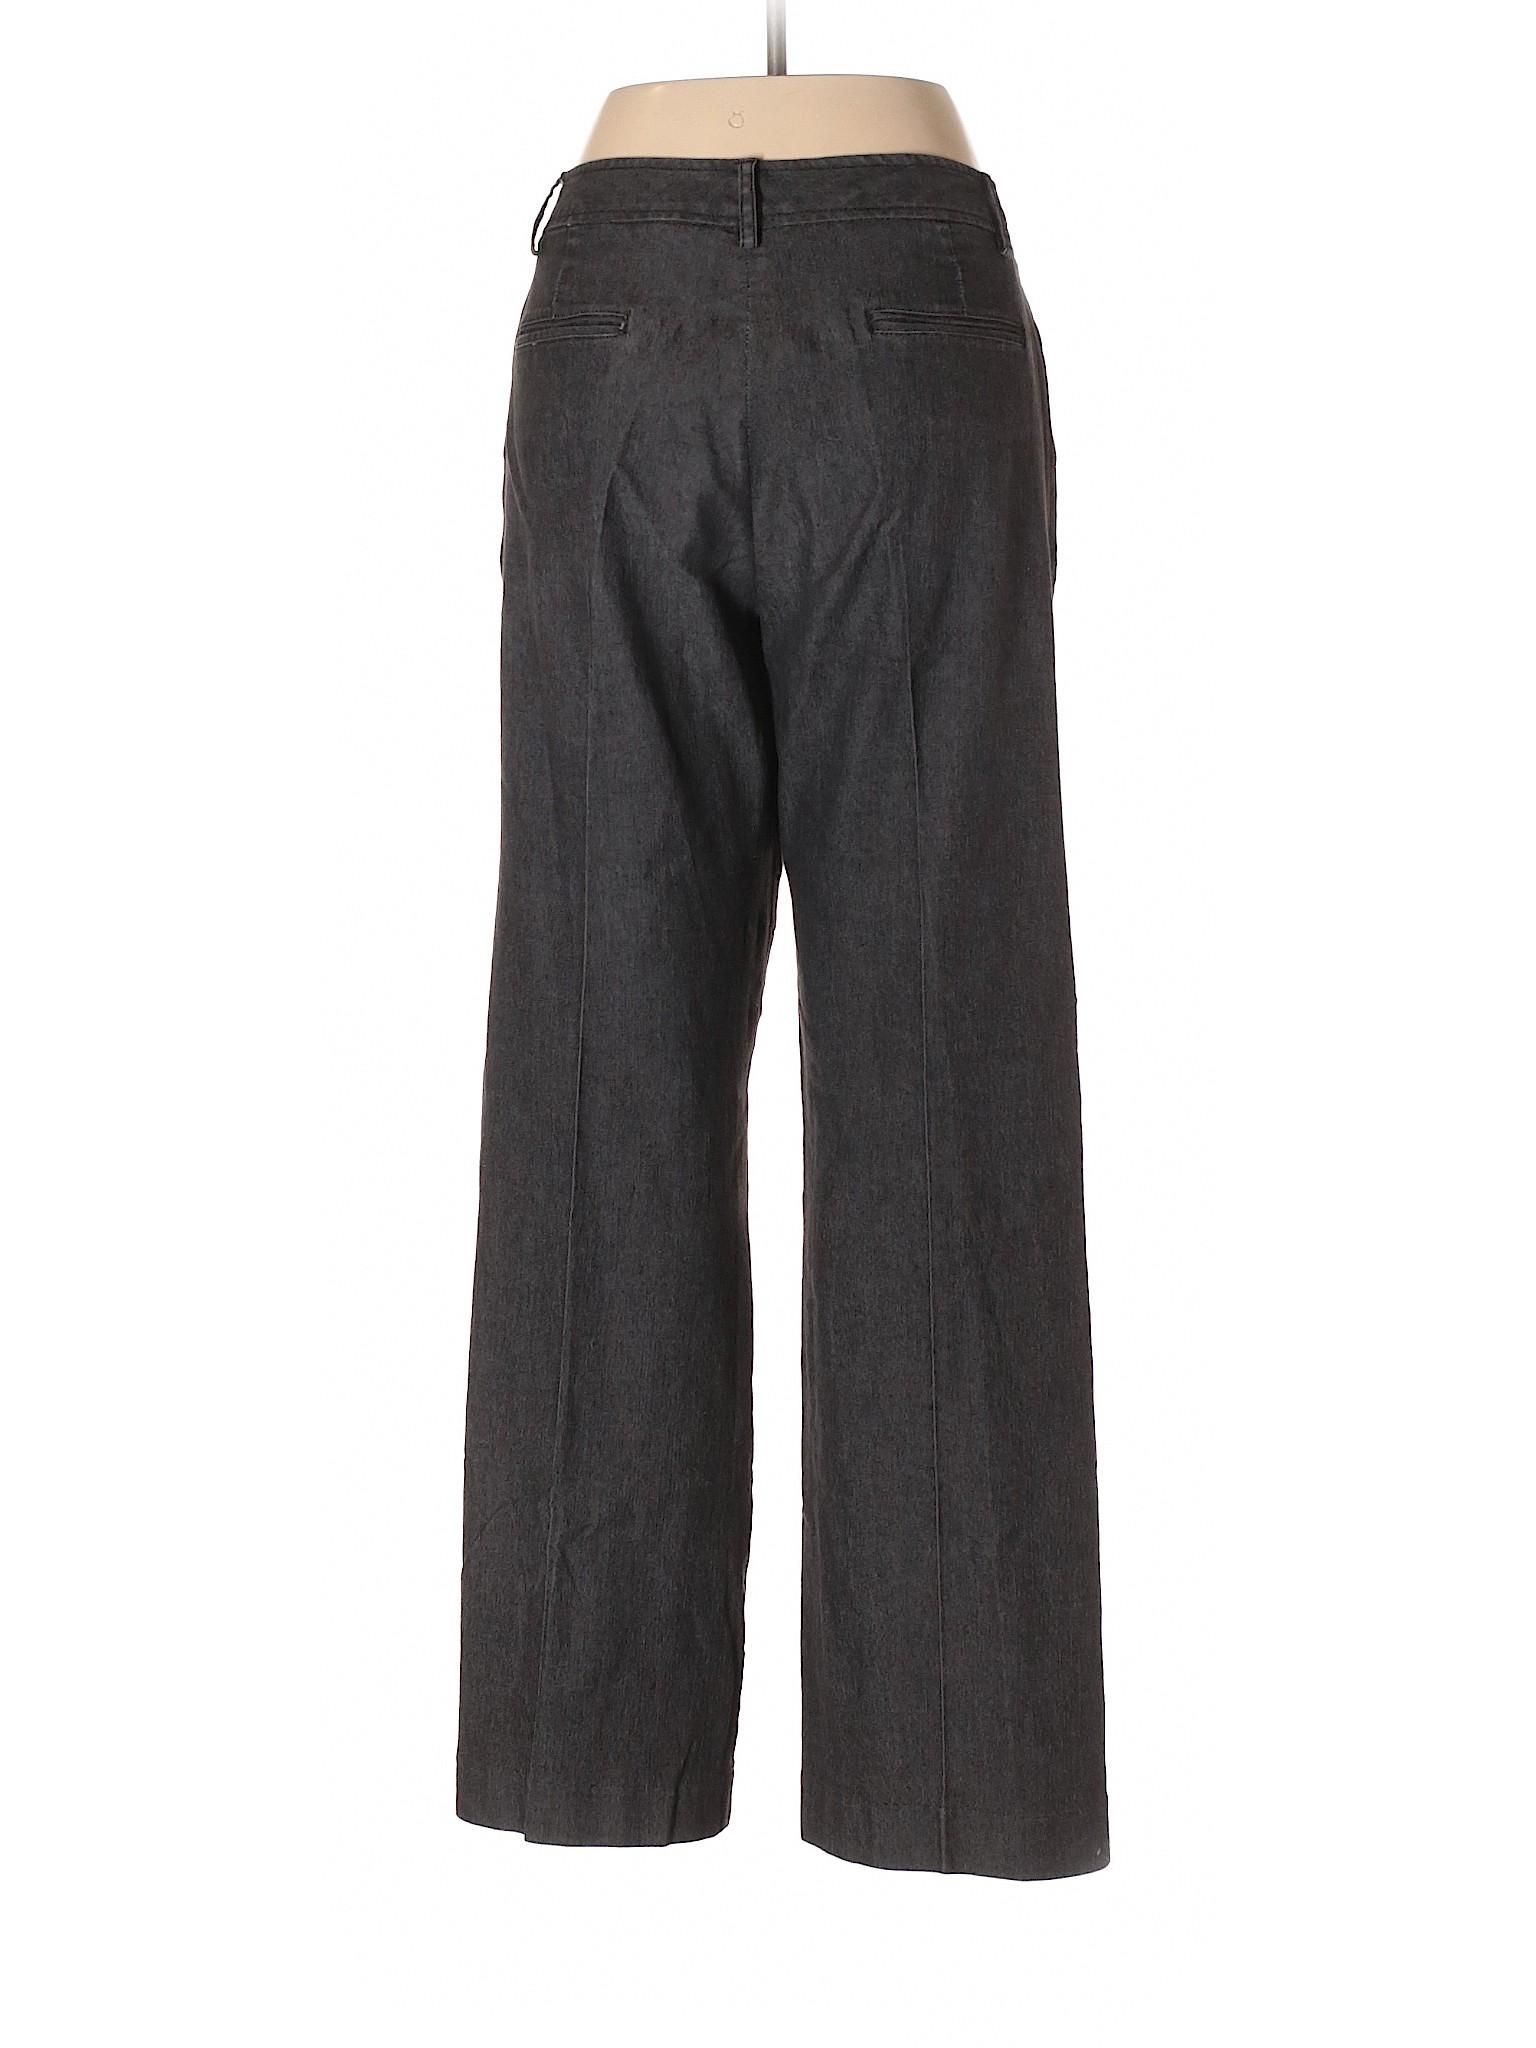 Boutique Sportswear Sandro Boutique Sandro Pants Dress rwqzrx1Et